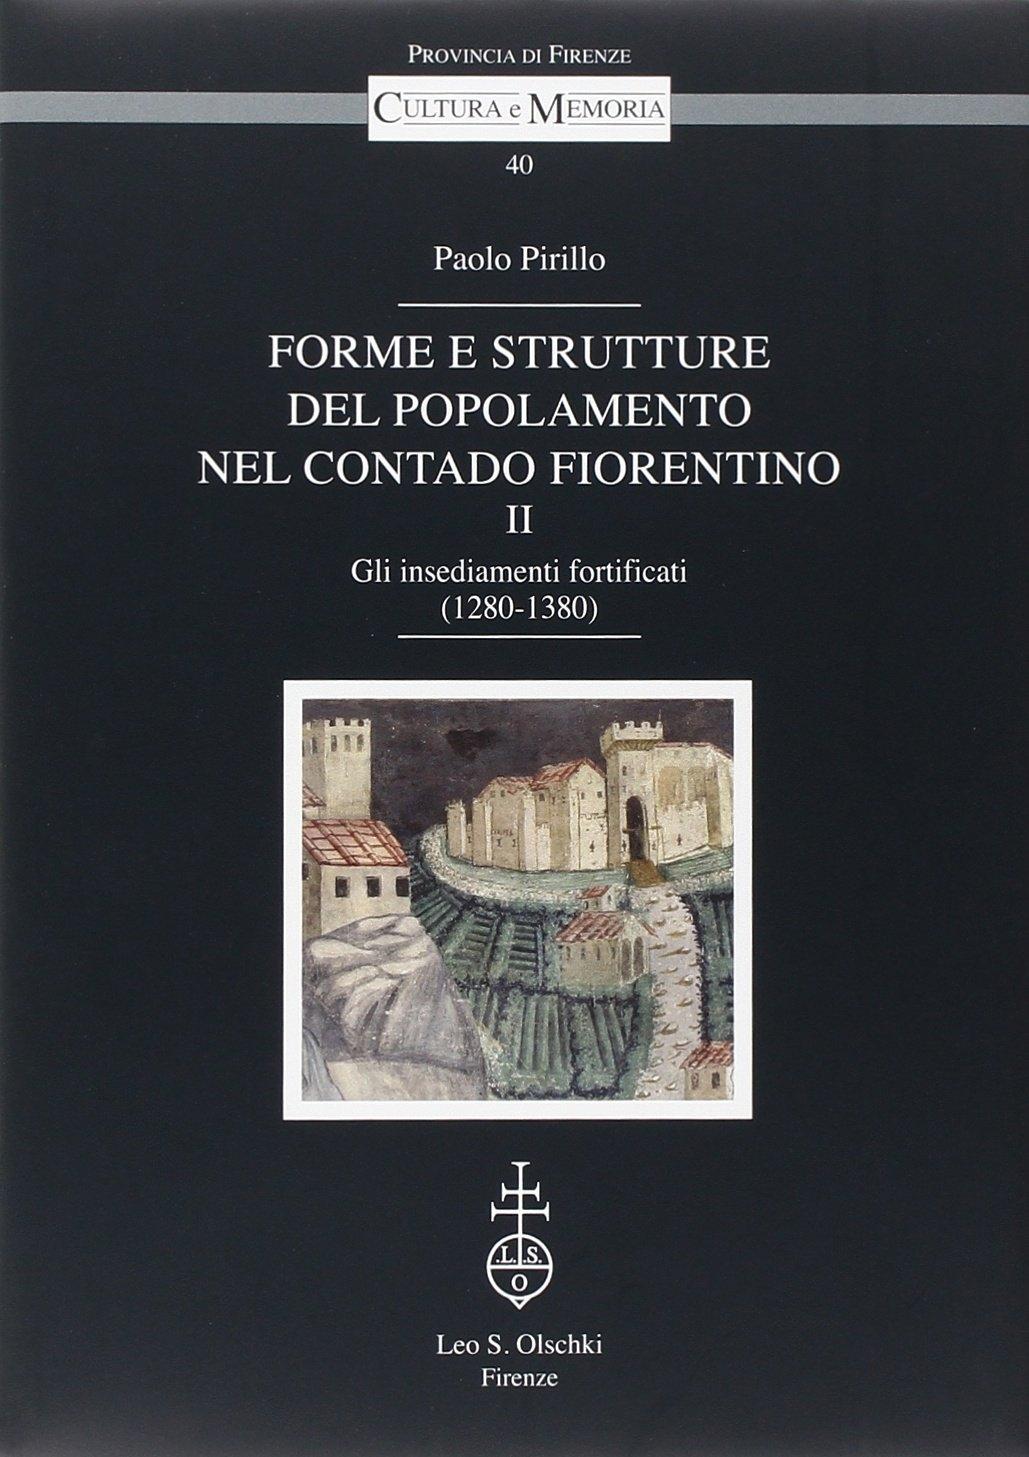 Forme e strutture del popolamento nel contado fiorentino. Vol. 2: Gli insediamenti fortificati (1280-1380)